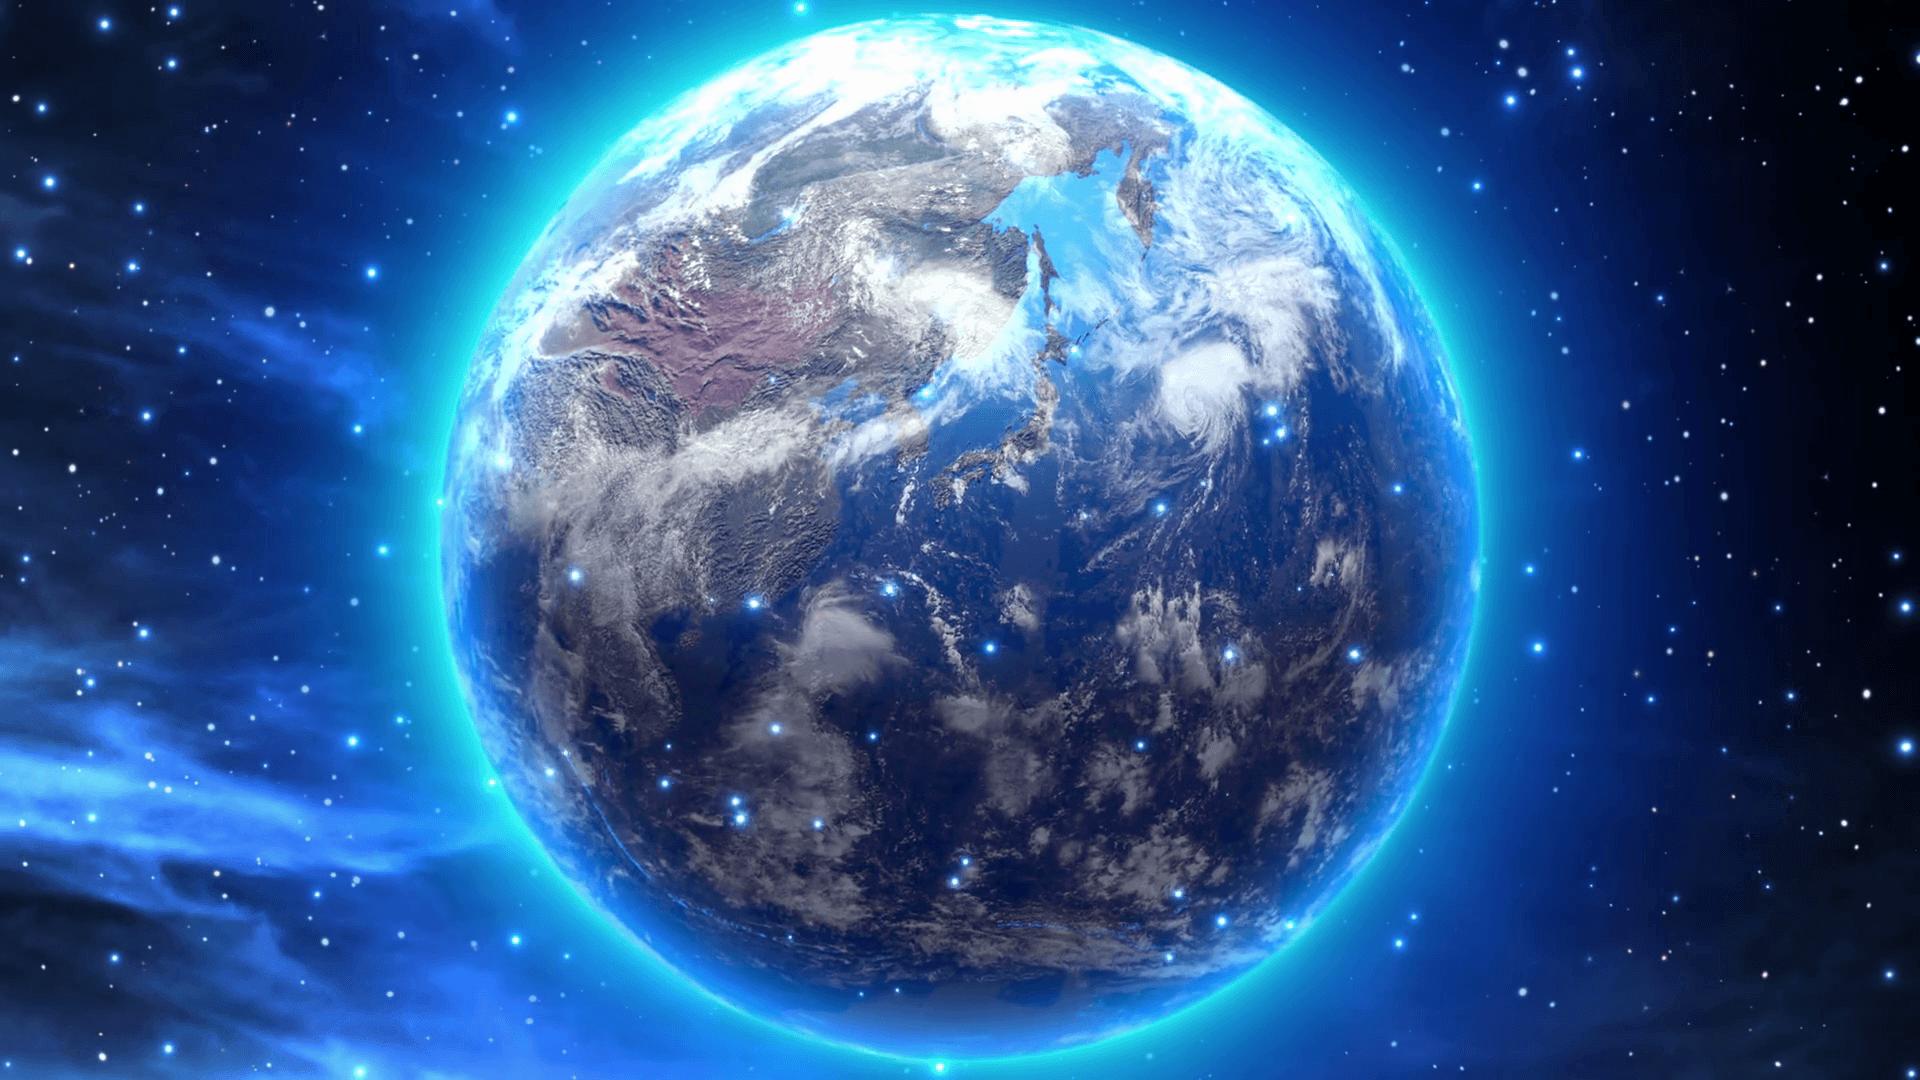 много картинка планета земля на фоне космоса платье